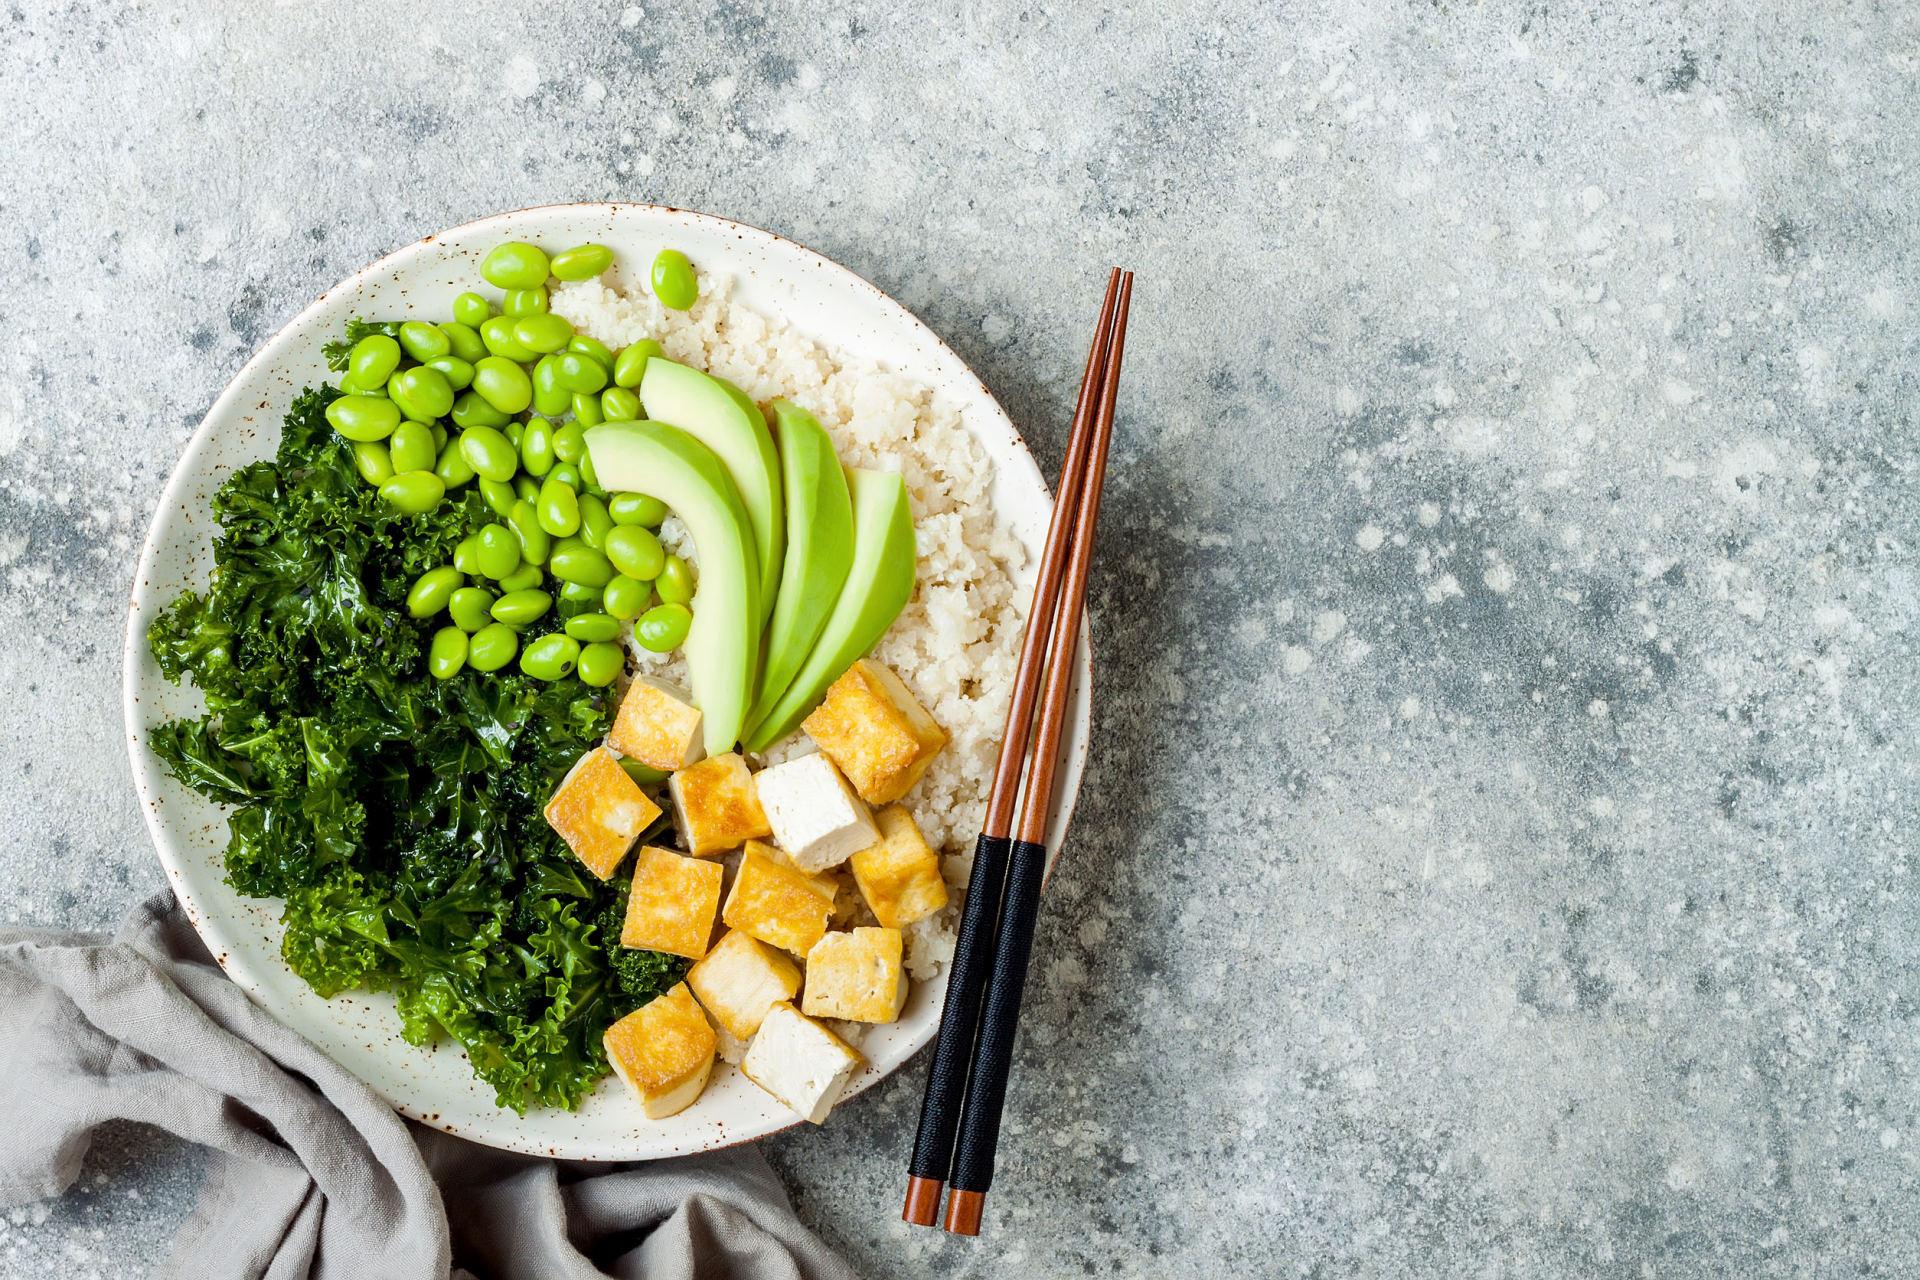 mažai natrio turinti dieta širdies sveikatai magija nuo hipertenzijos